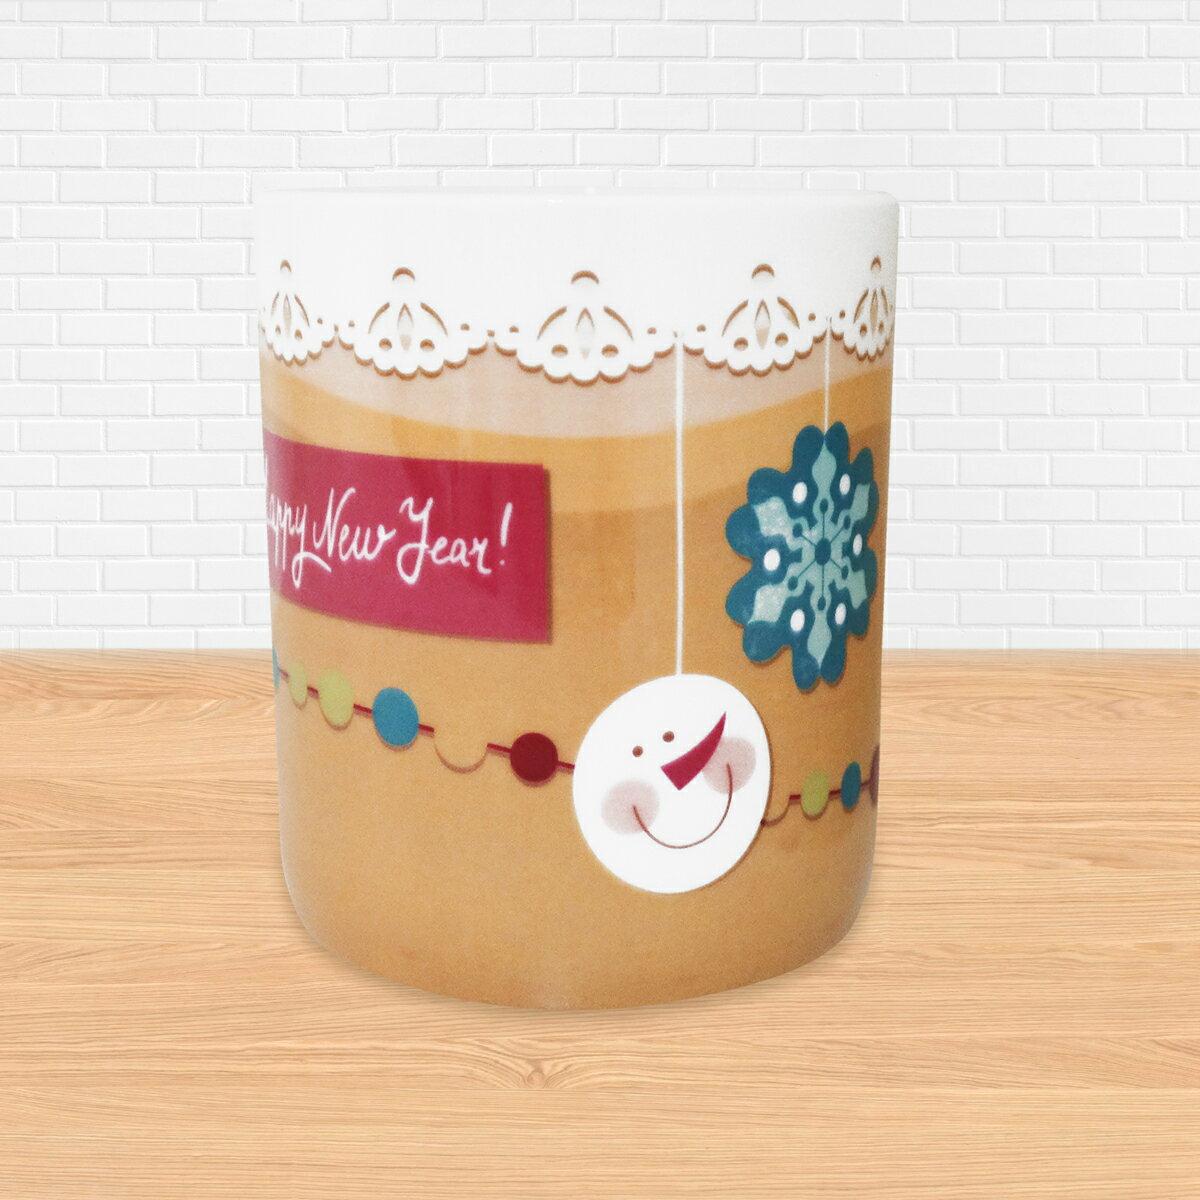 《陶緣彩瓷》雪人聖誕節慶杯-骨瓷馬克杯 / 雪人 / 聖誕節 / 交換禮物 / 可加購客製名字 / 可微波 / 通過SGS